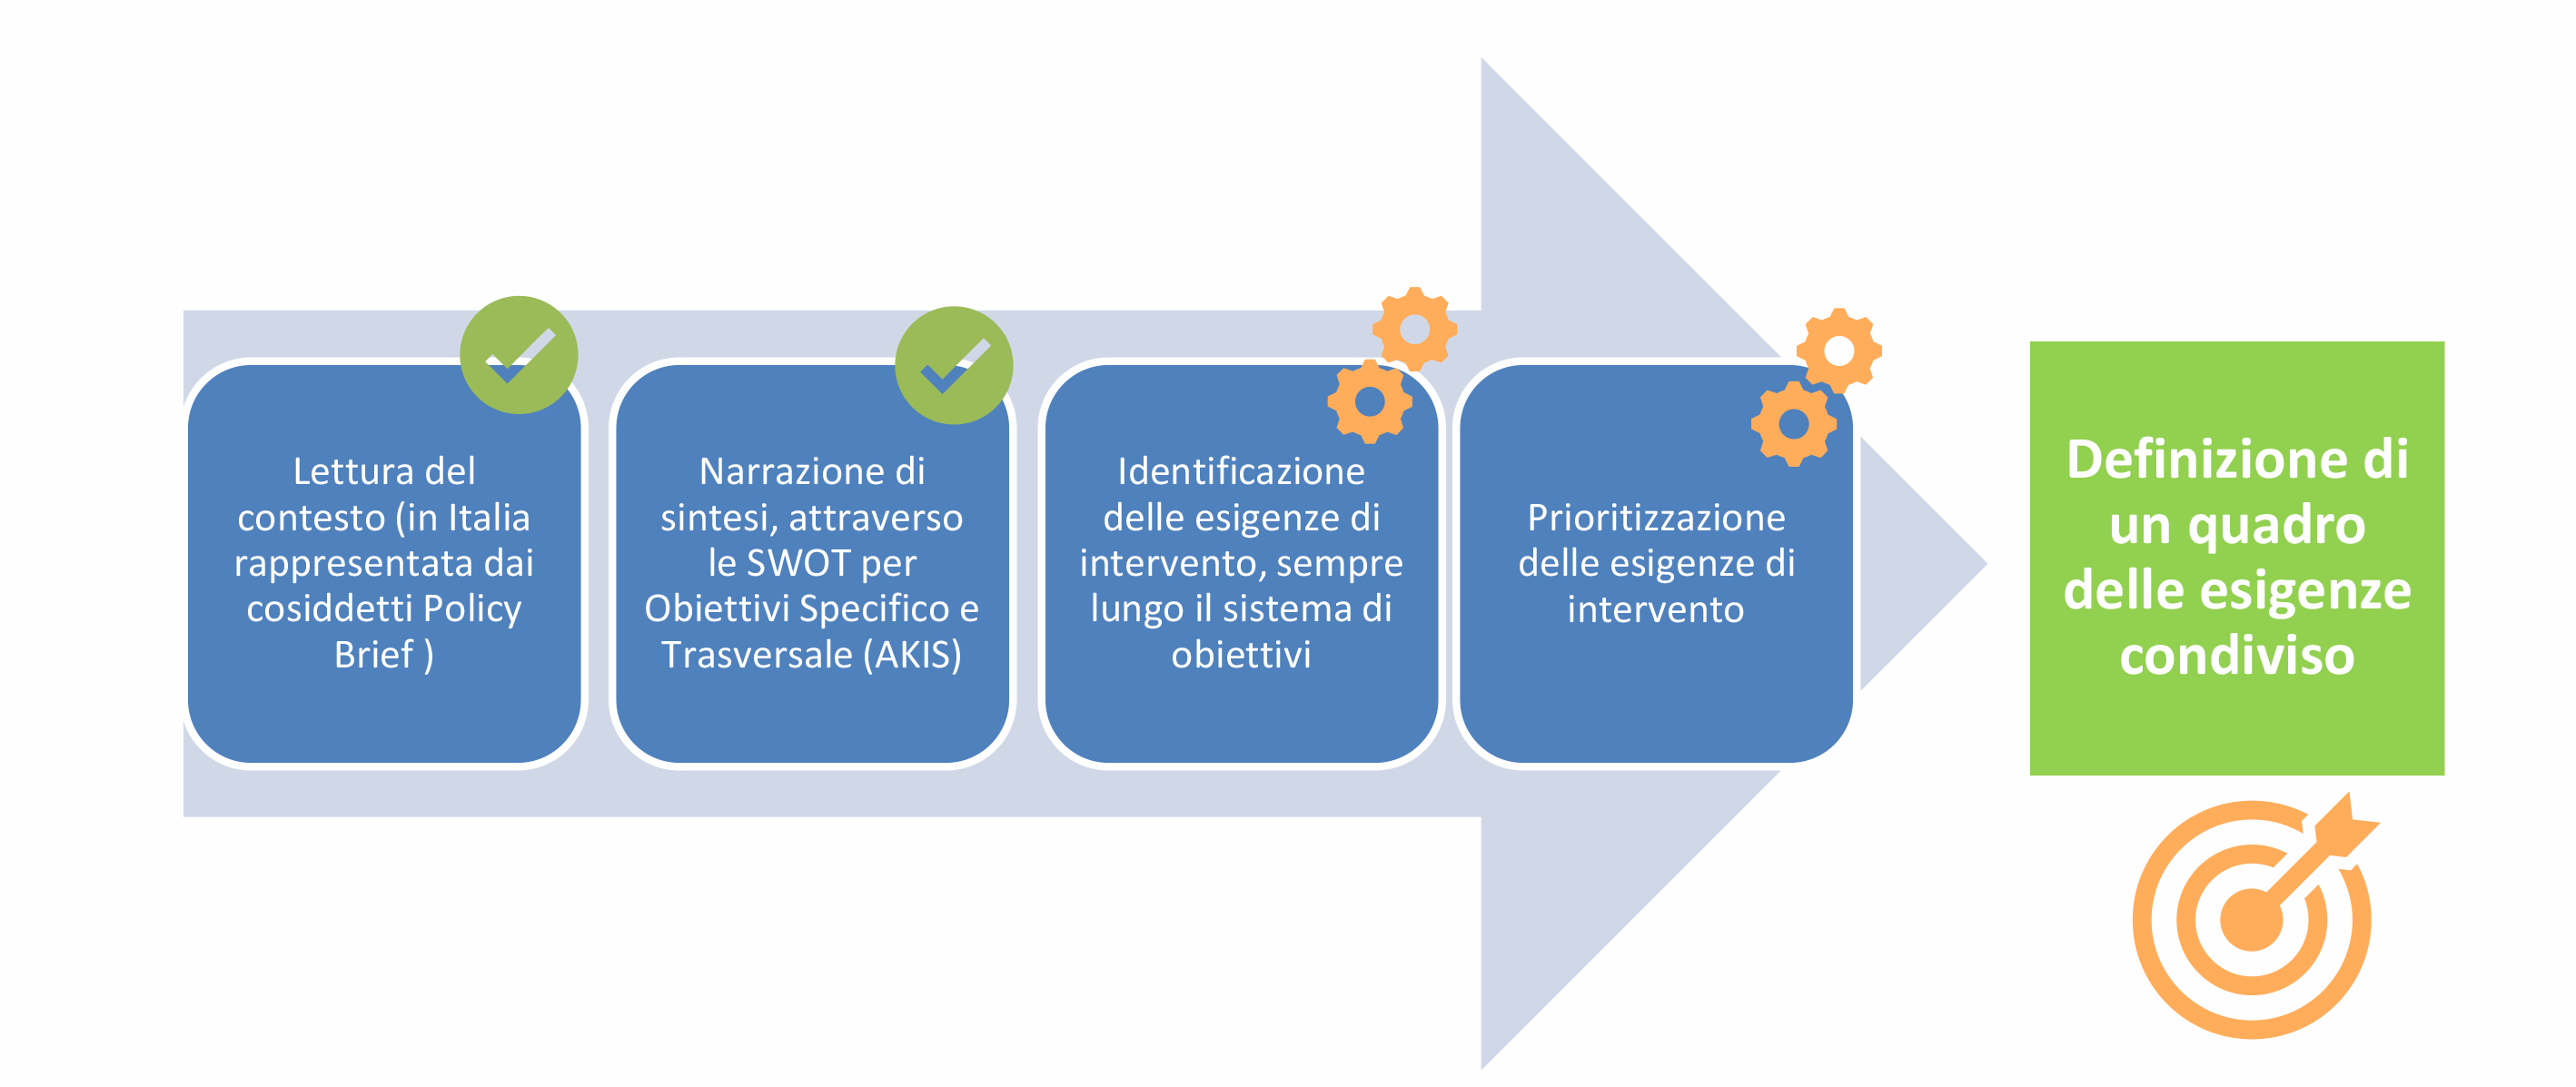 grafico con obiettivi di intervento della PAC